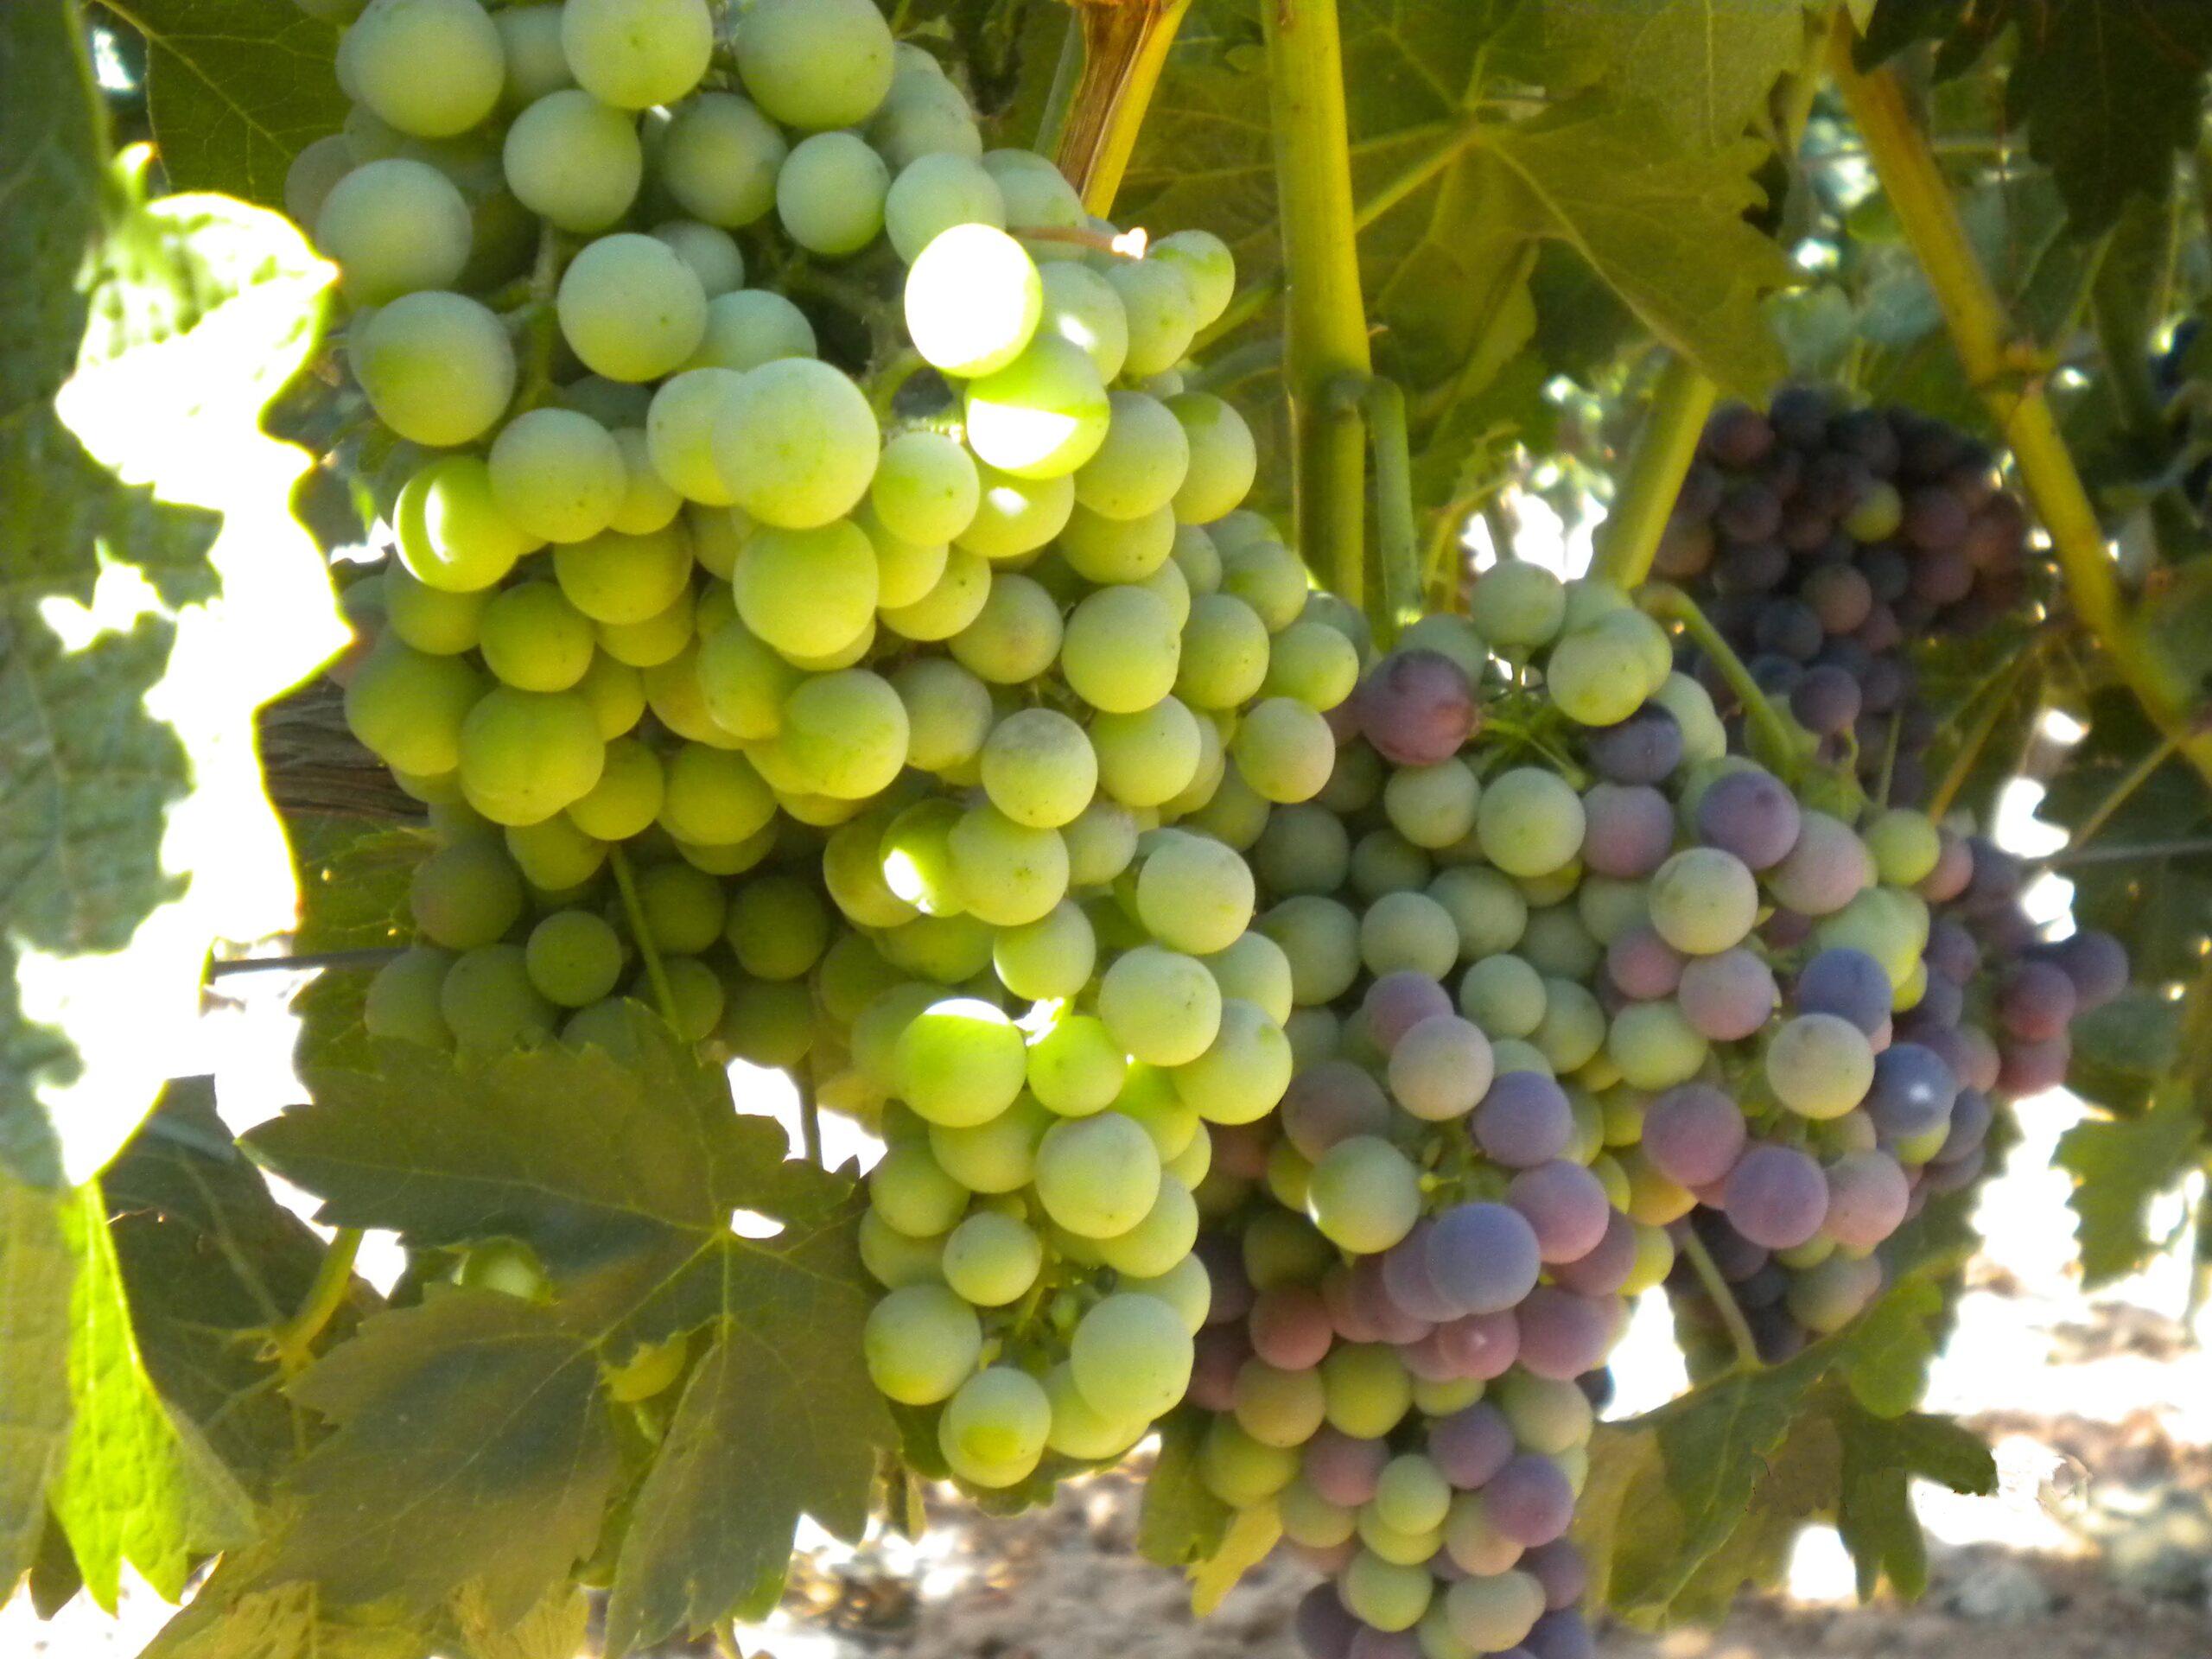 El envero: primera señal de madurez de la uva